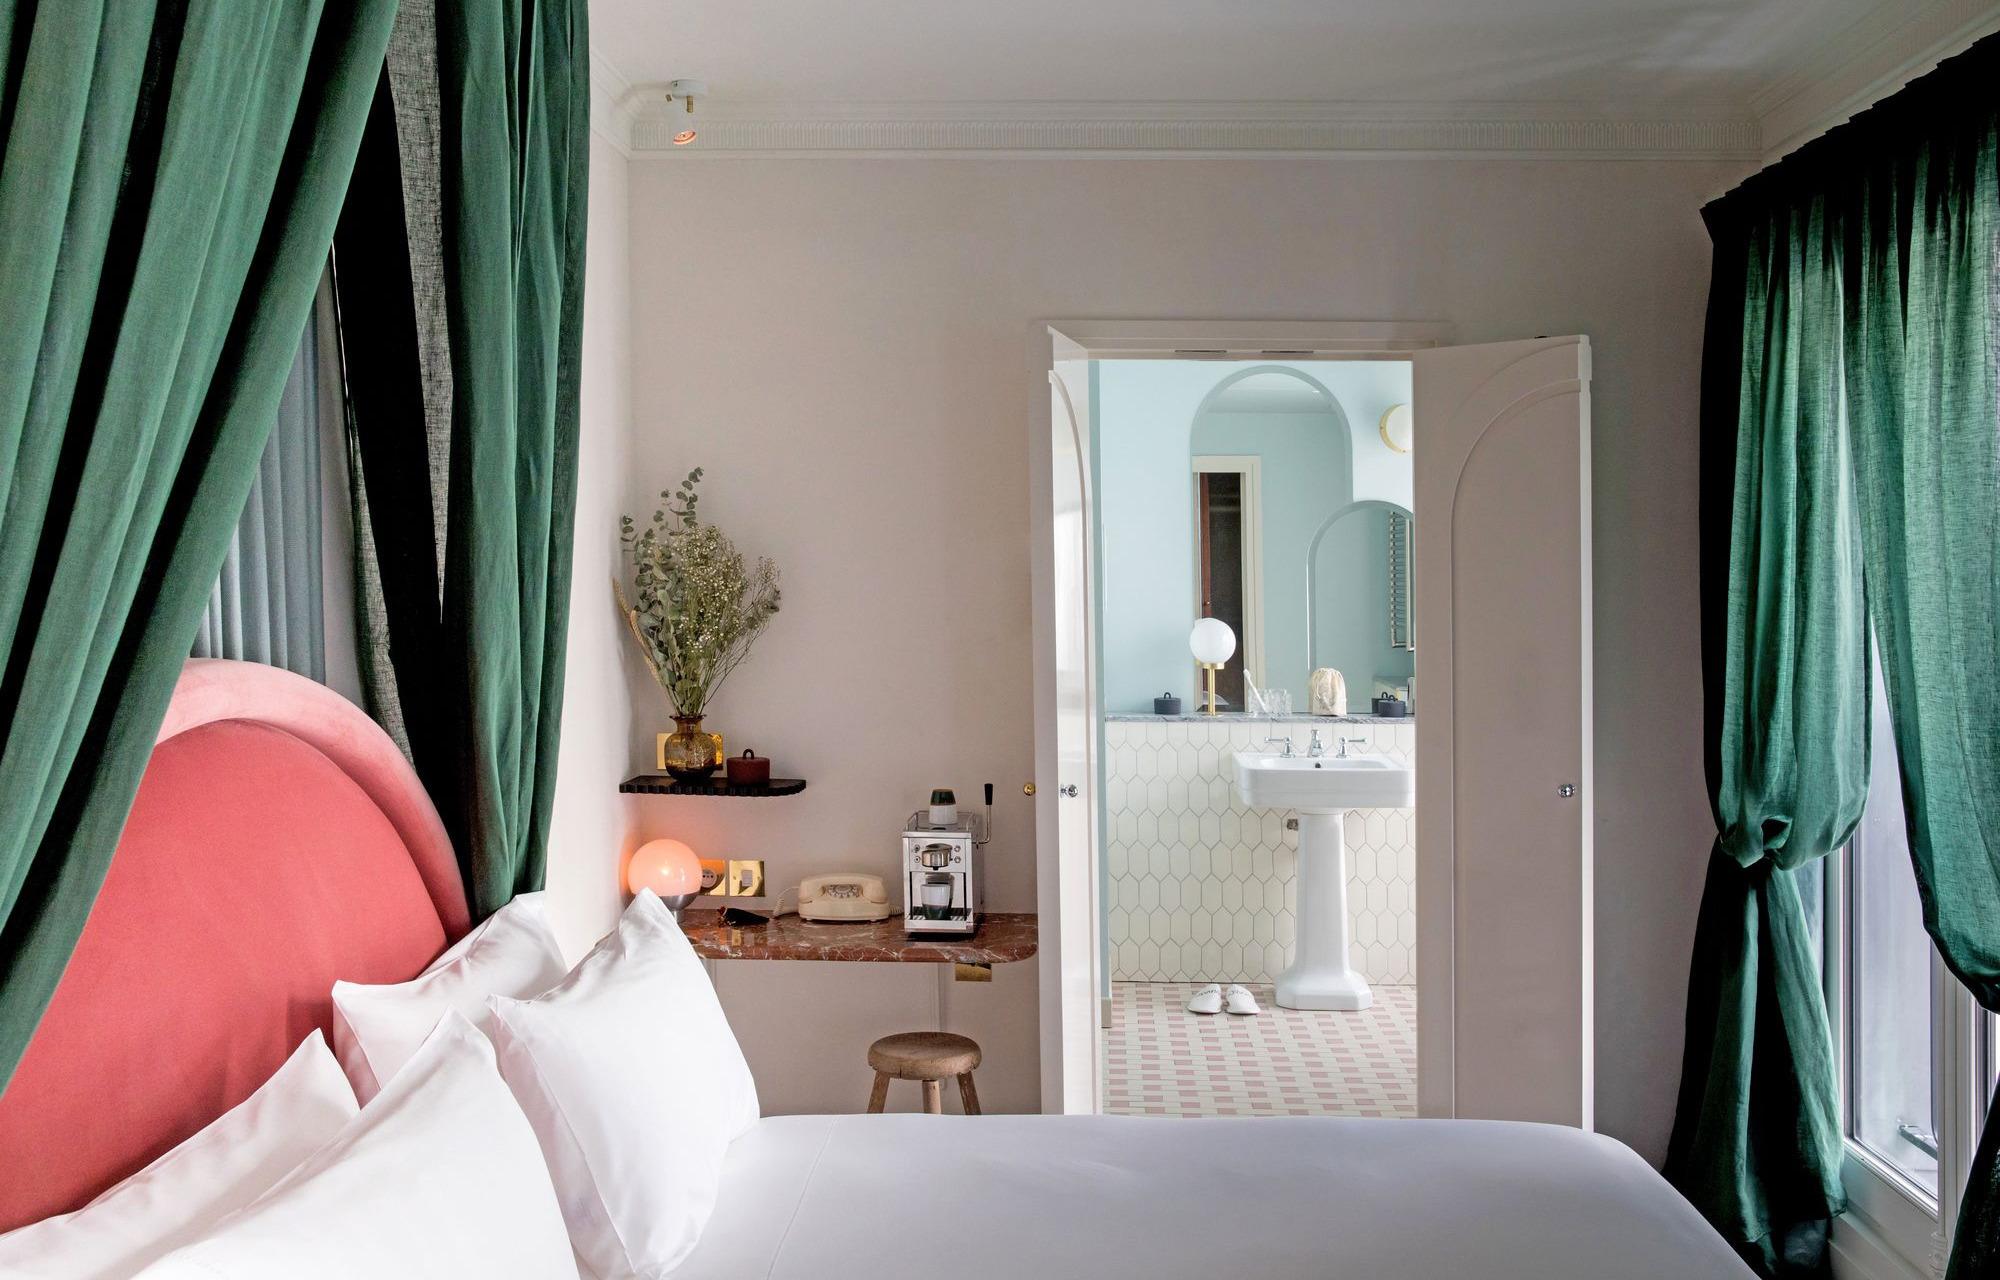 13 дизайн-идей для спальни, подсмотренных в отелях Парижа